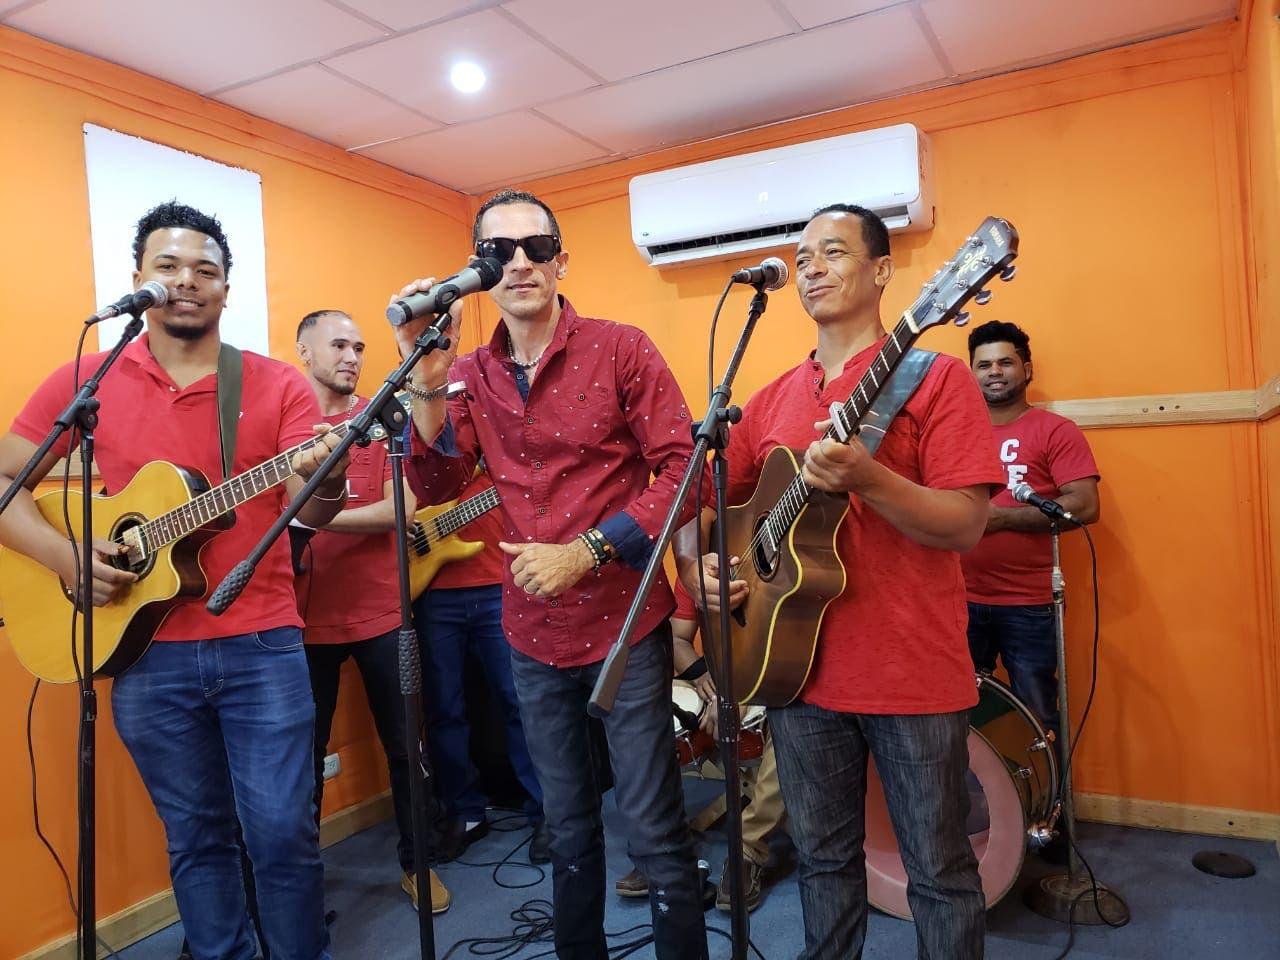 Los Claveles Míos piden unidad entre los bachateros, anuncia nueva colaboración musical